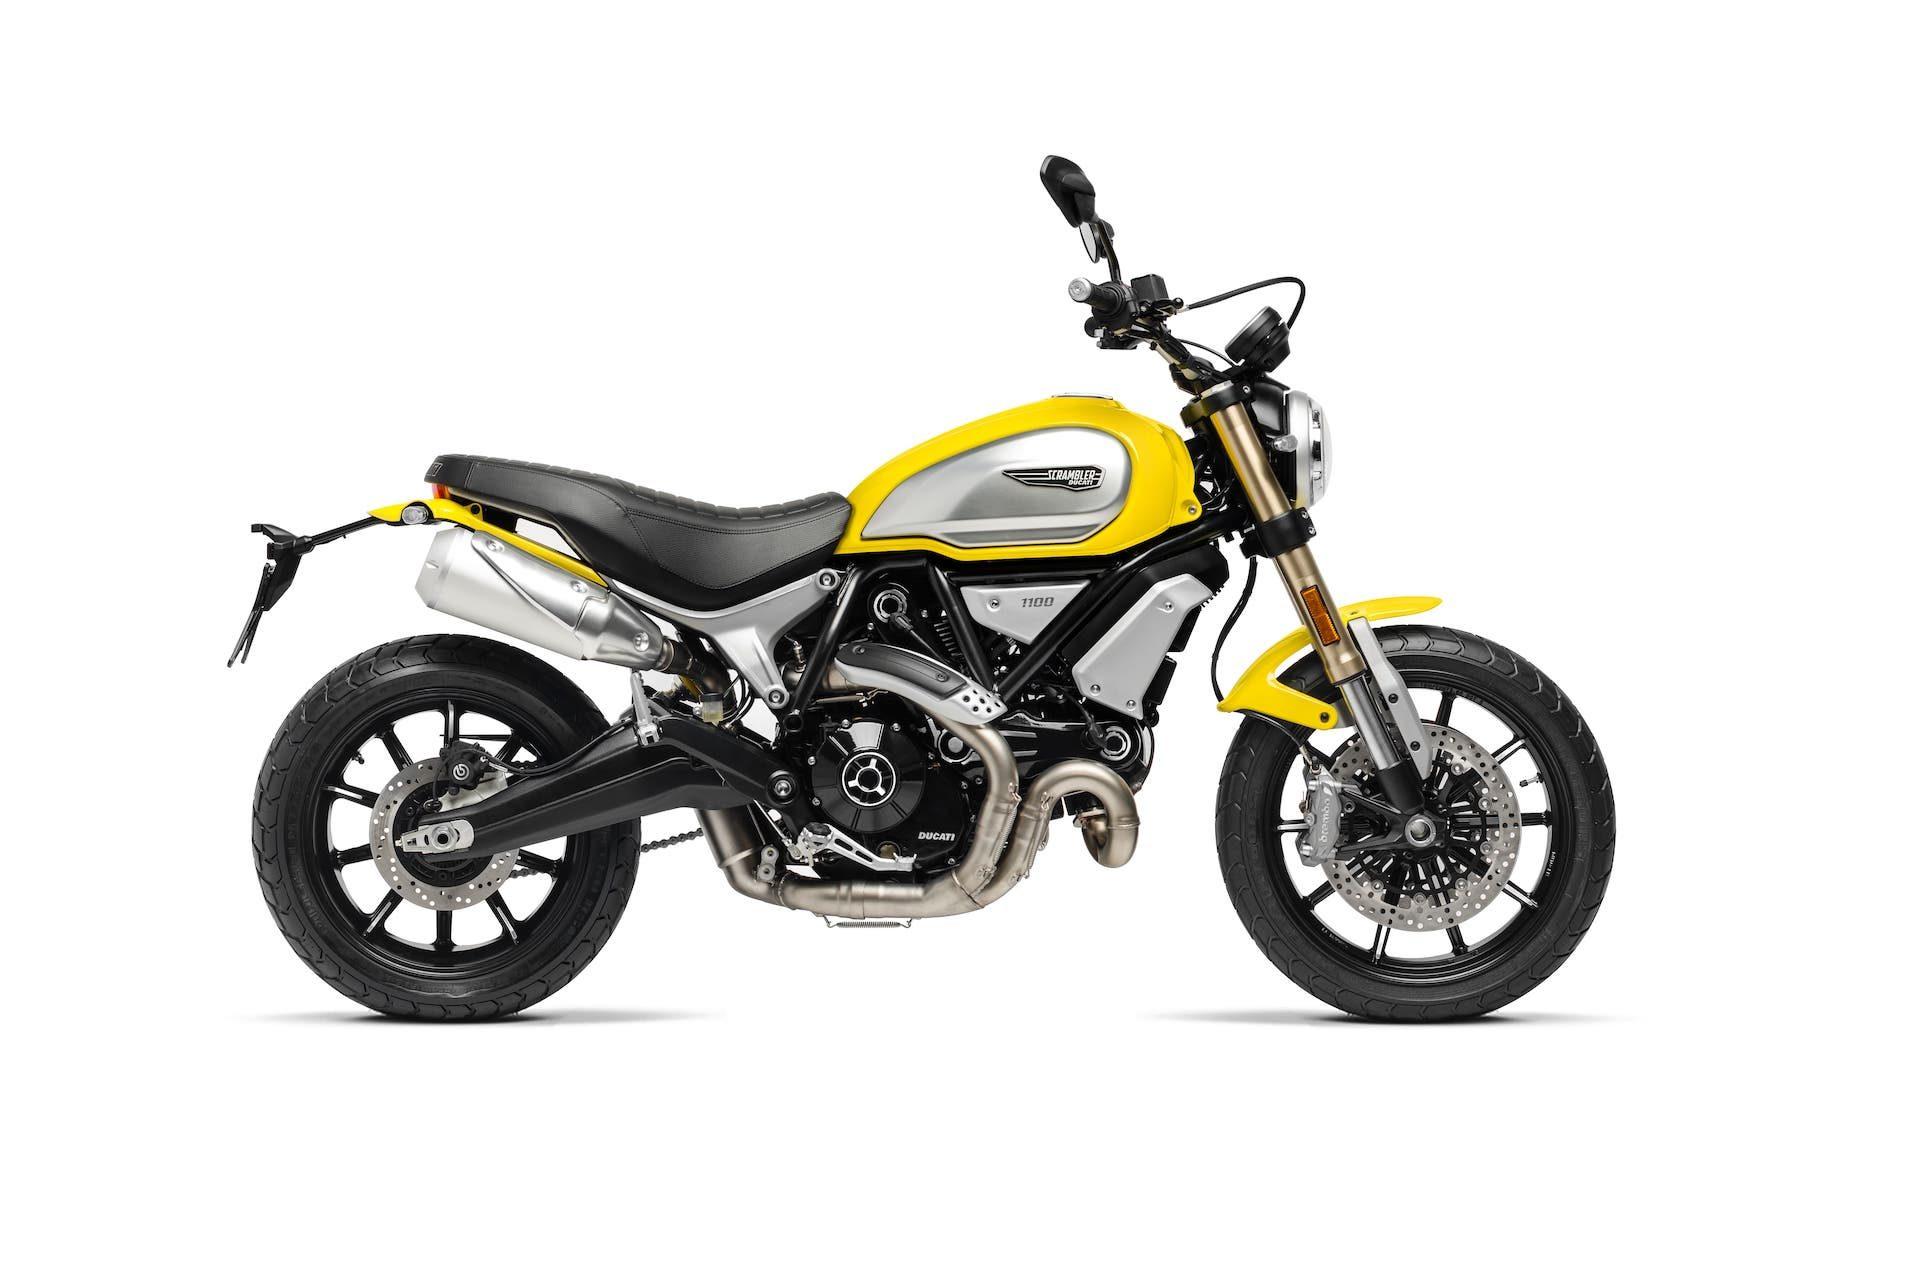 2021 Ducati Scrambler 1100